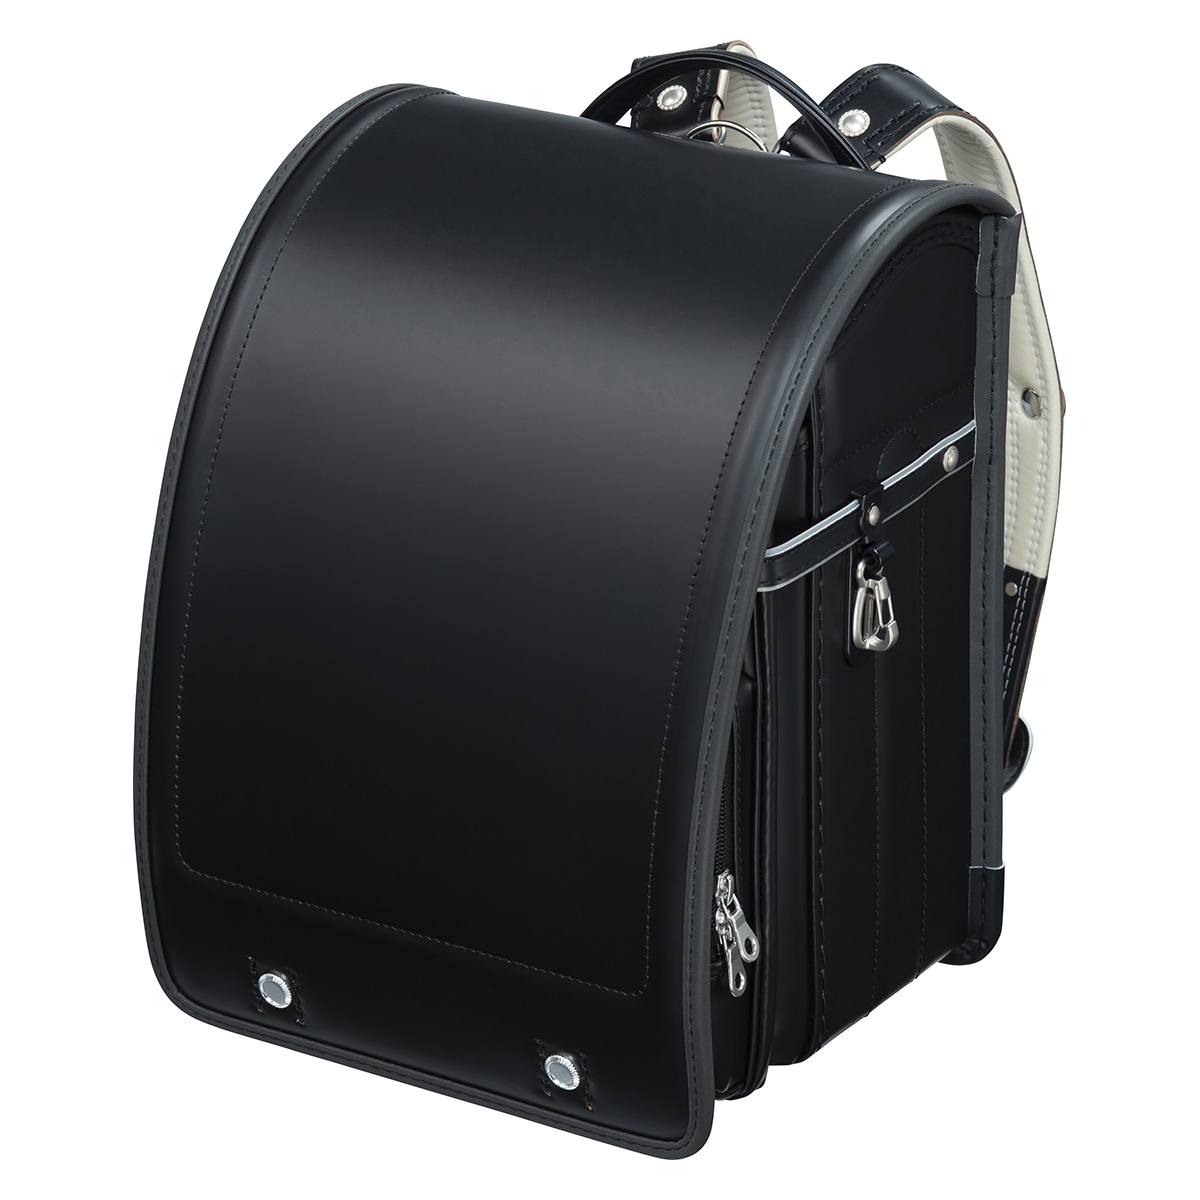 フィットちゃんランドセル 牛革ランドセル 安ピカッタイプ(FIT-238AZ)A4フラットファイル収納サイズ